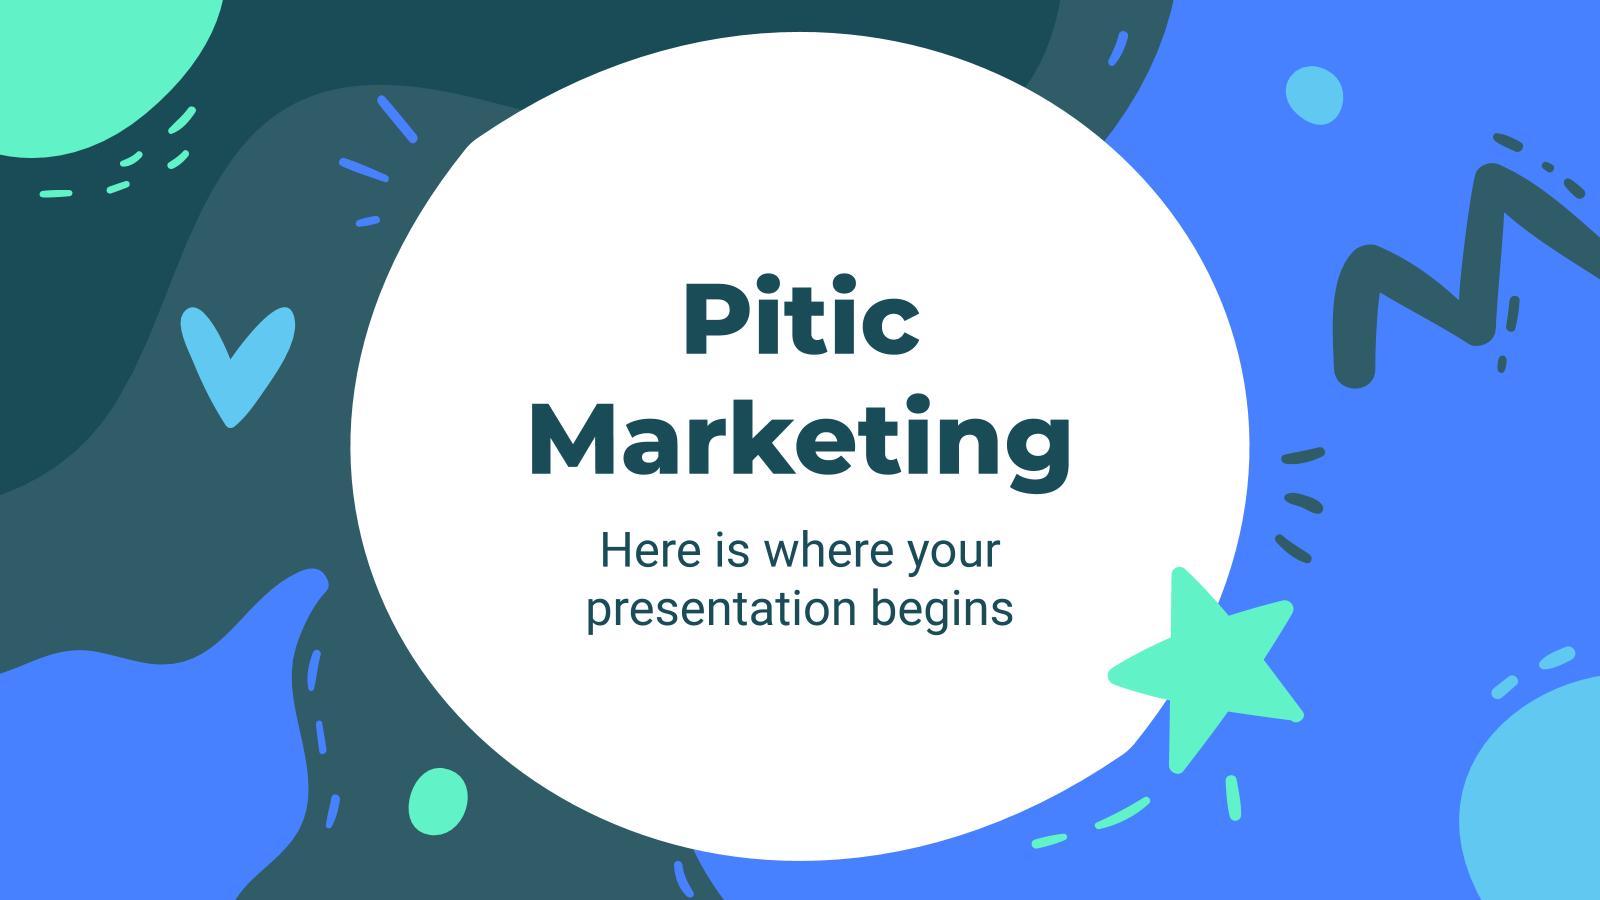 Modelo de apresentação Marketing Pitic